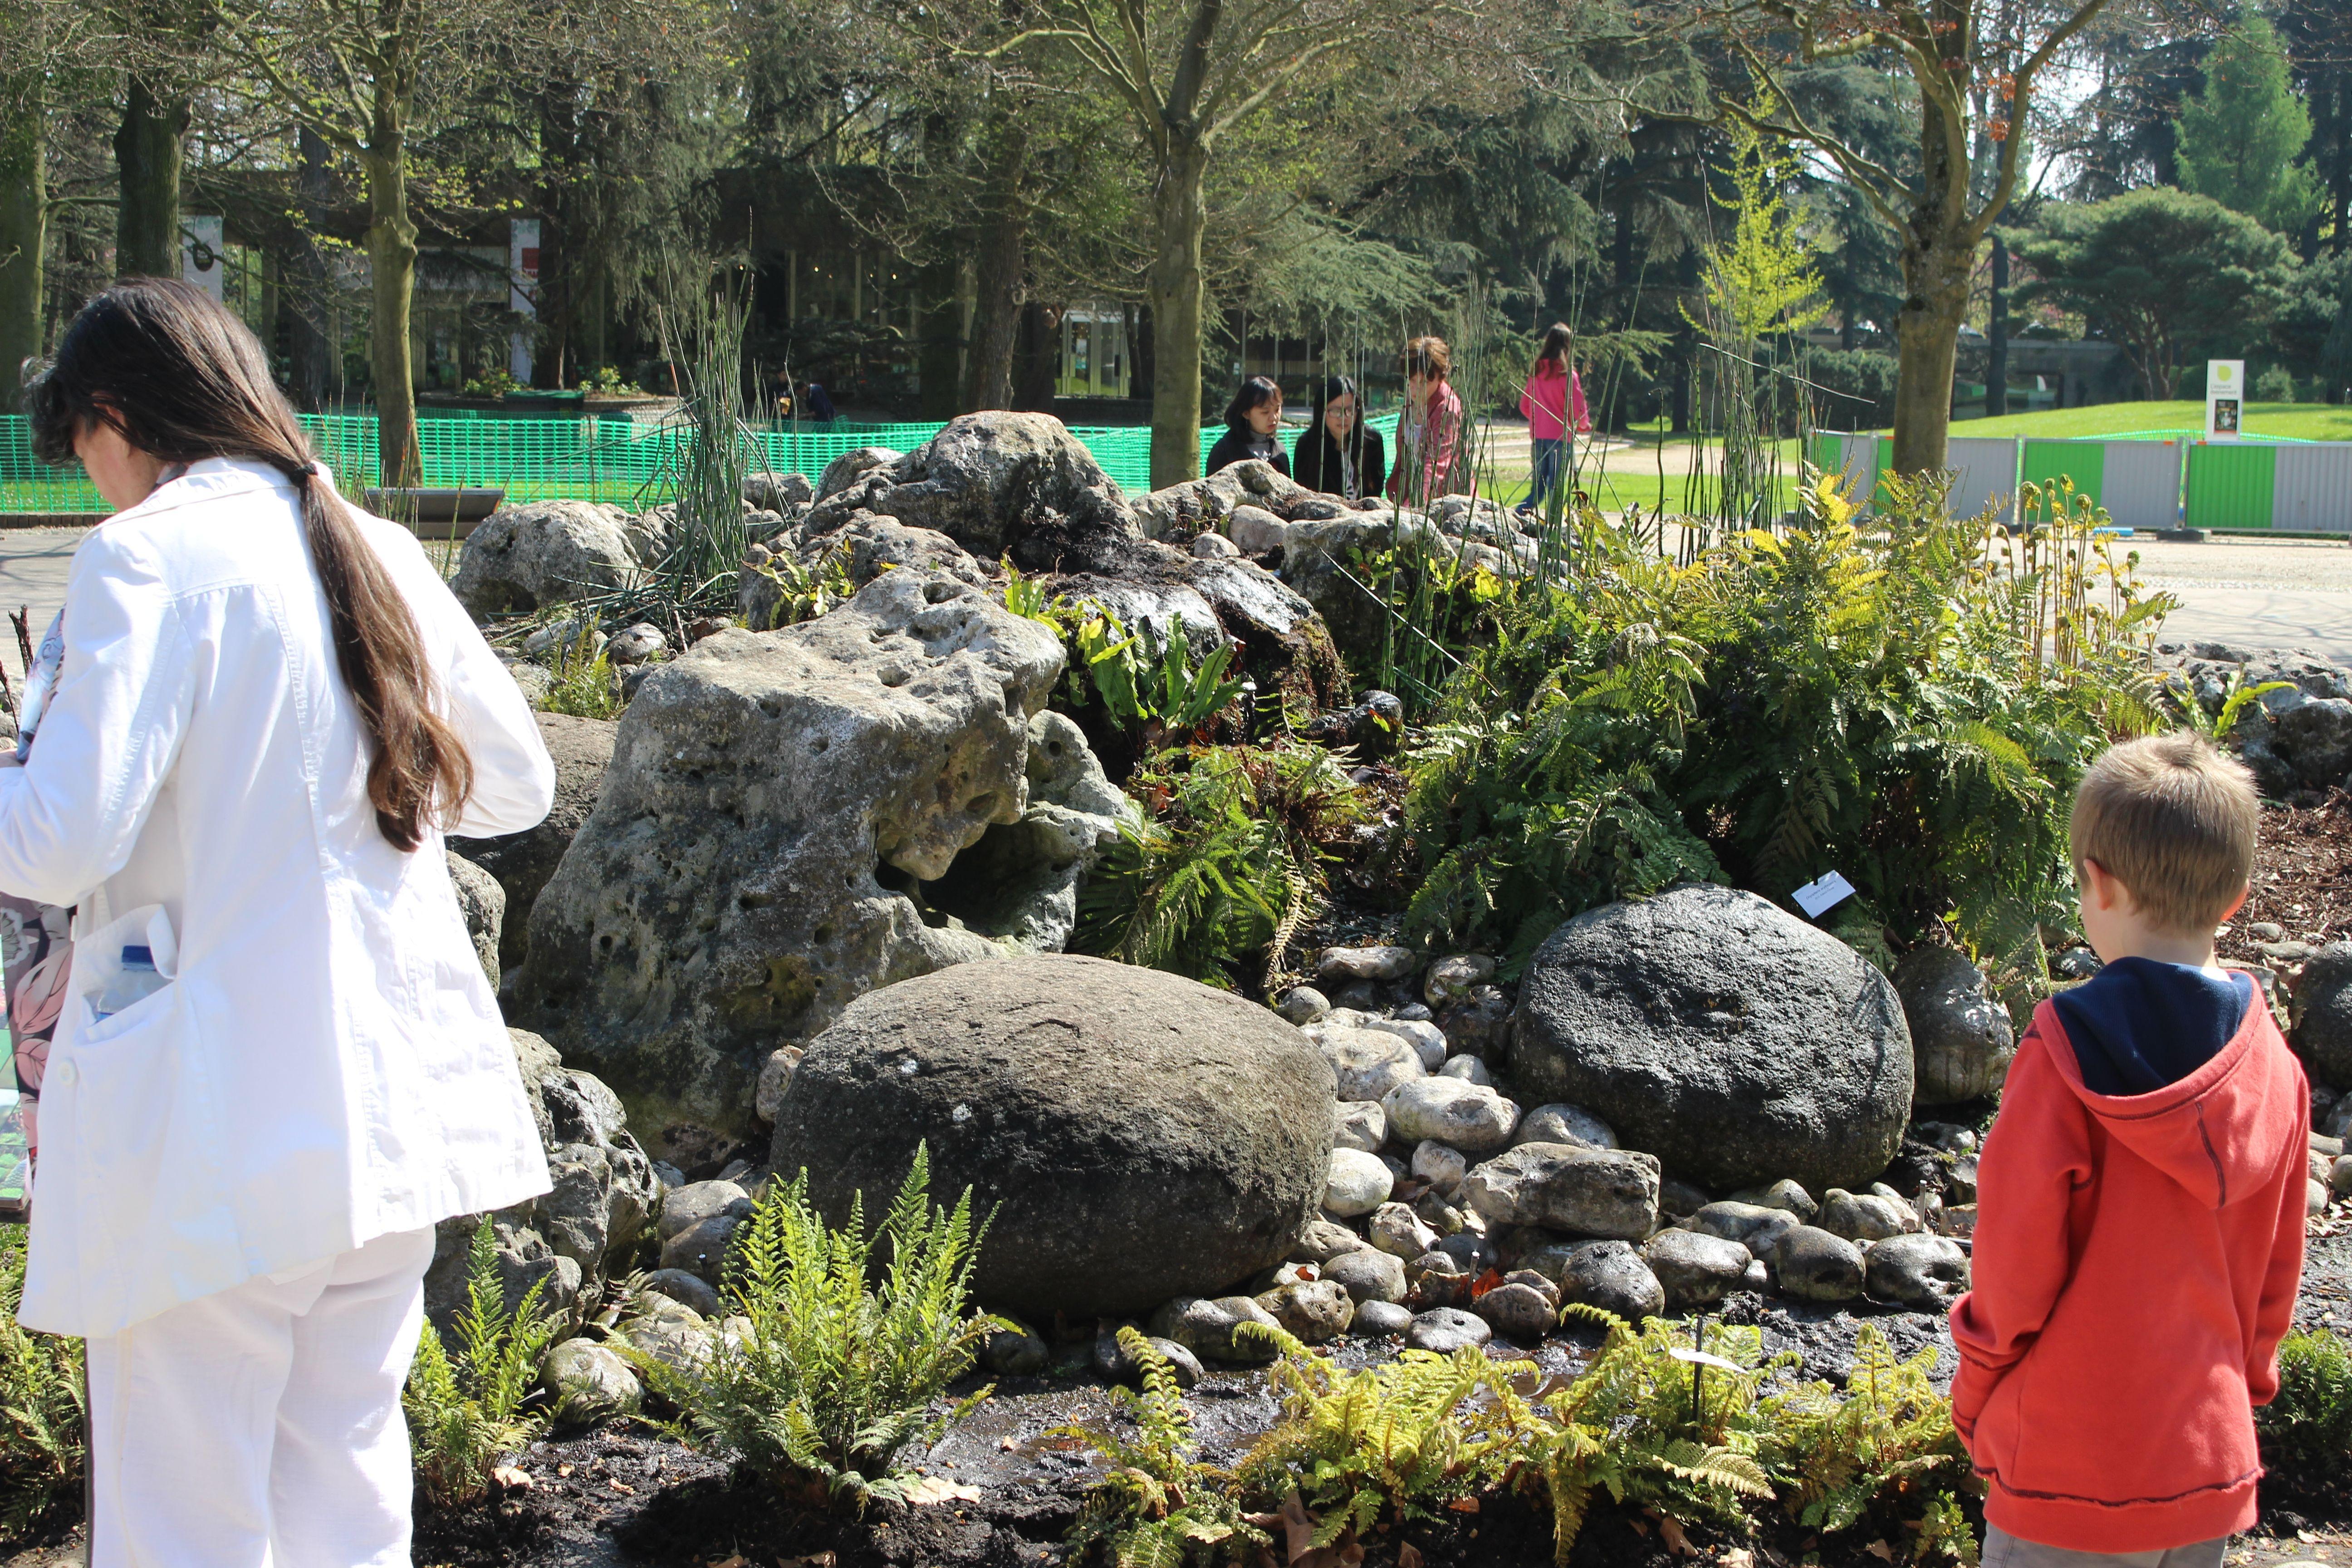 parc floral vac avril 20170025 (29)